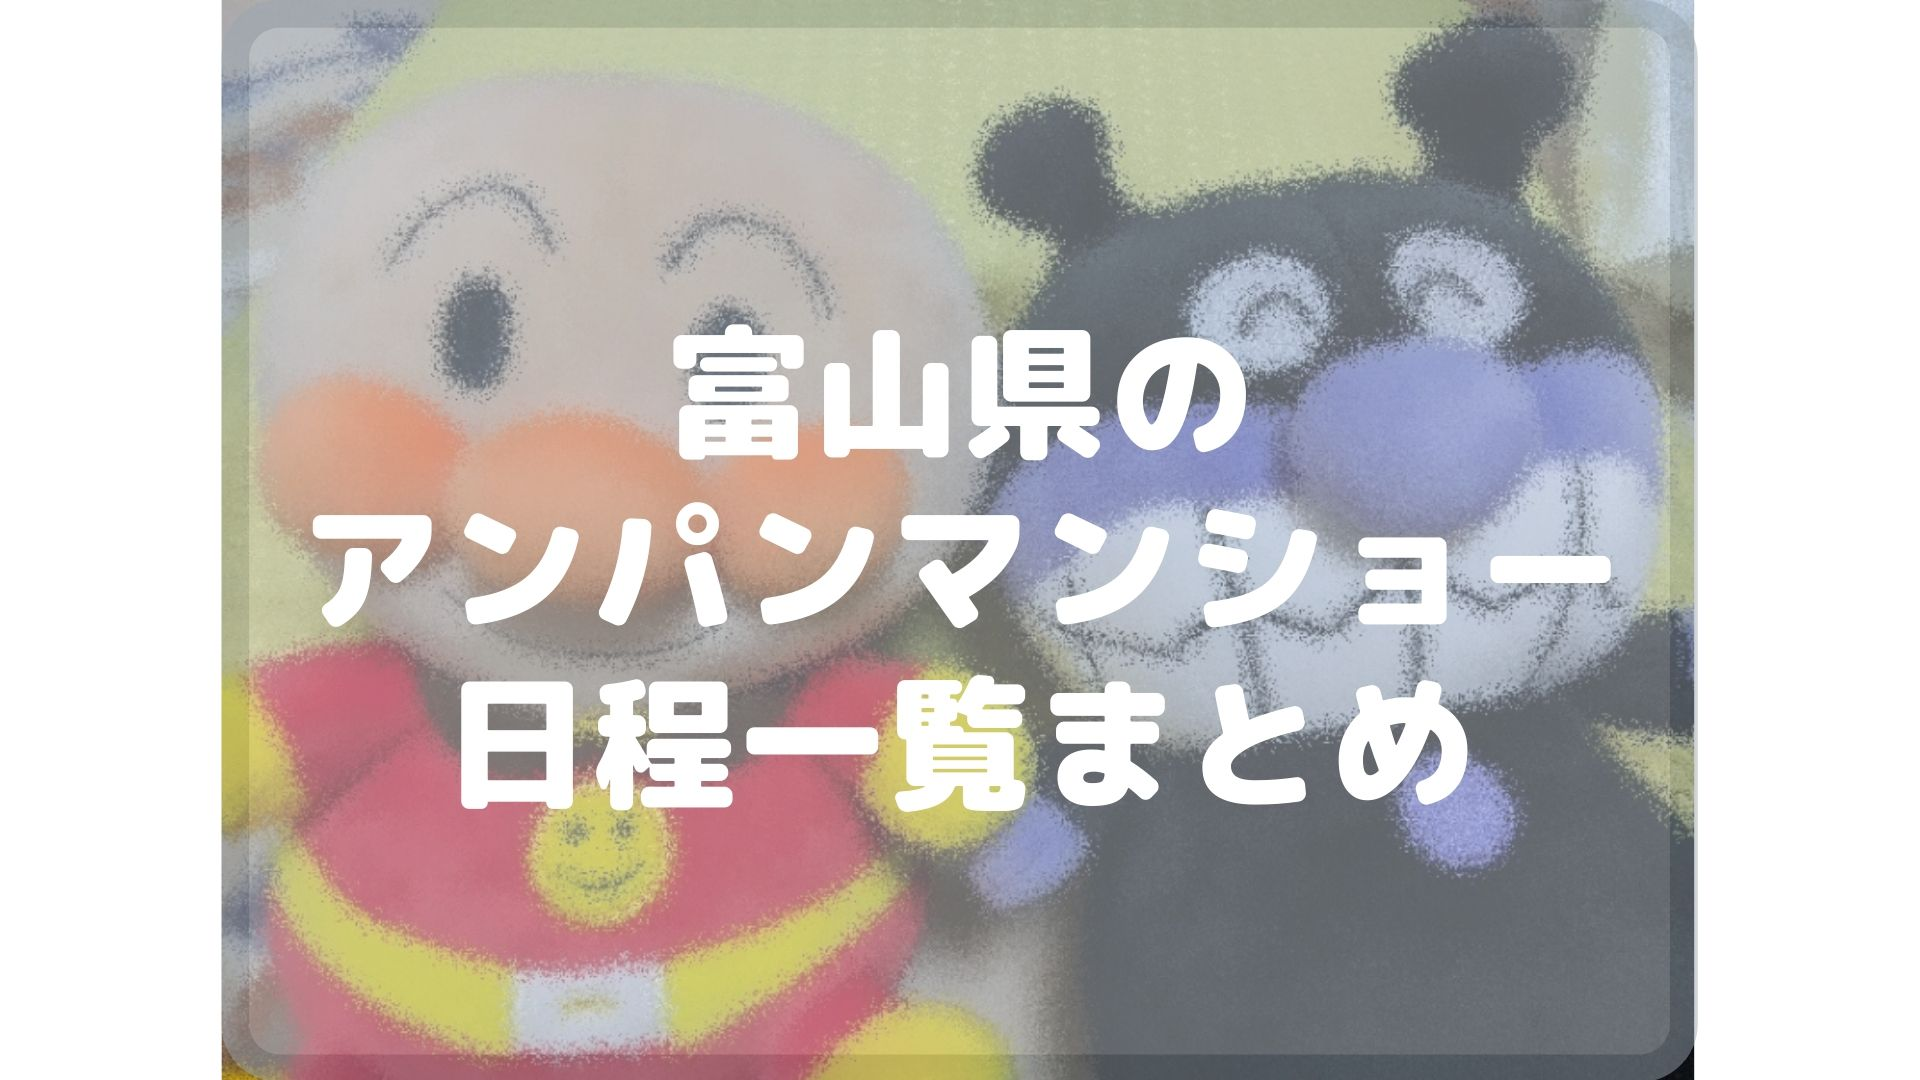 富山県のアンパンマンショーまとめタイトル画像